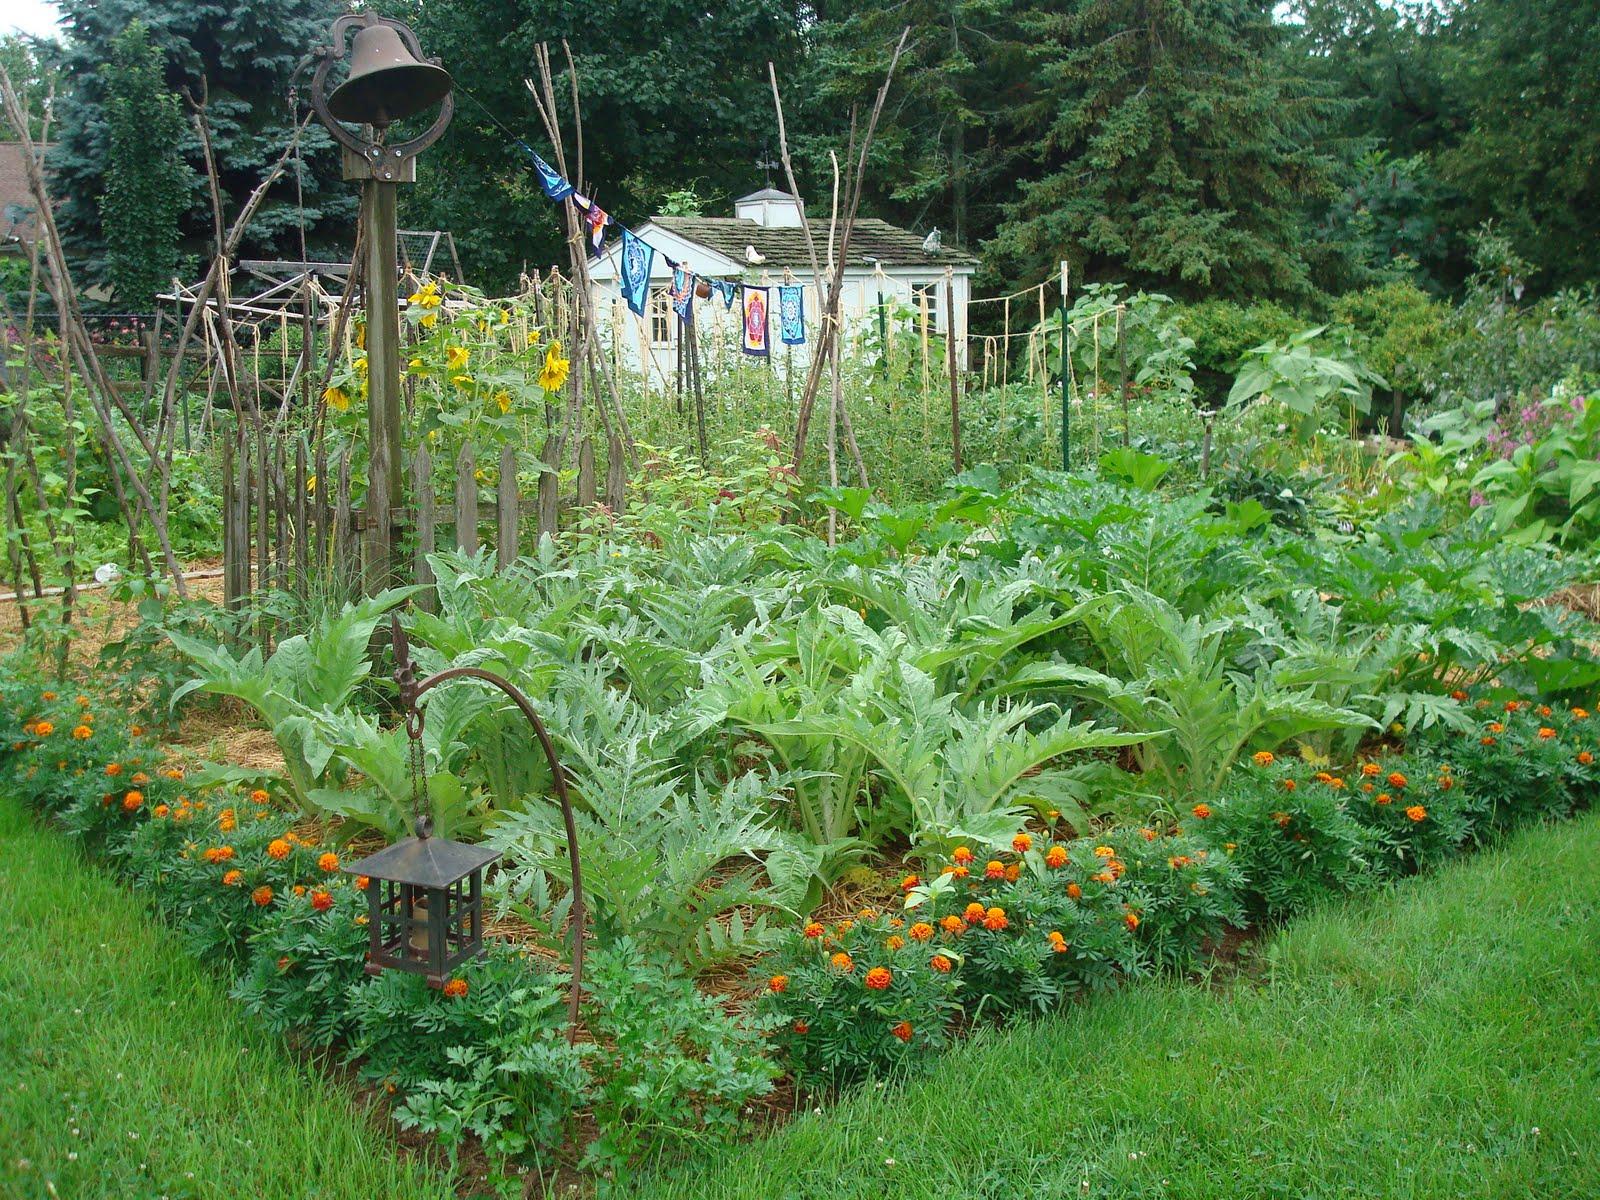 Garden in august in a garden - The August Garden With Cardoons Aplenty